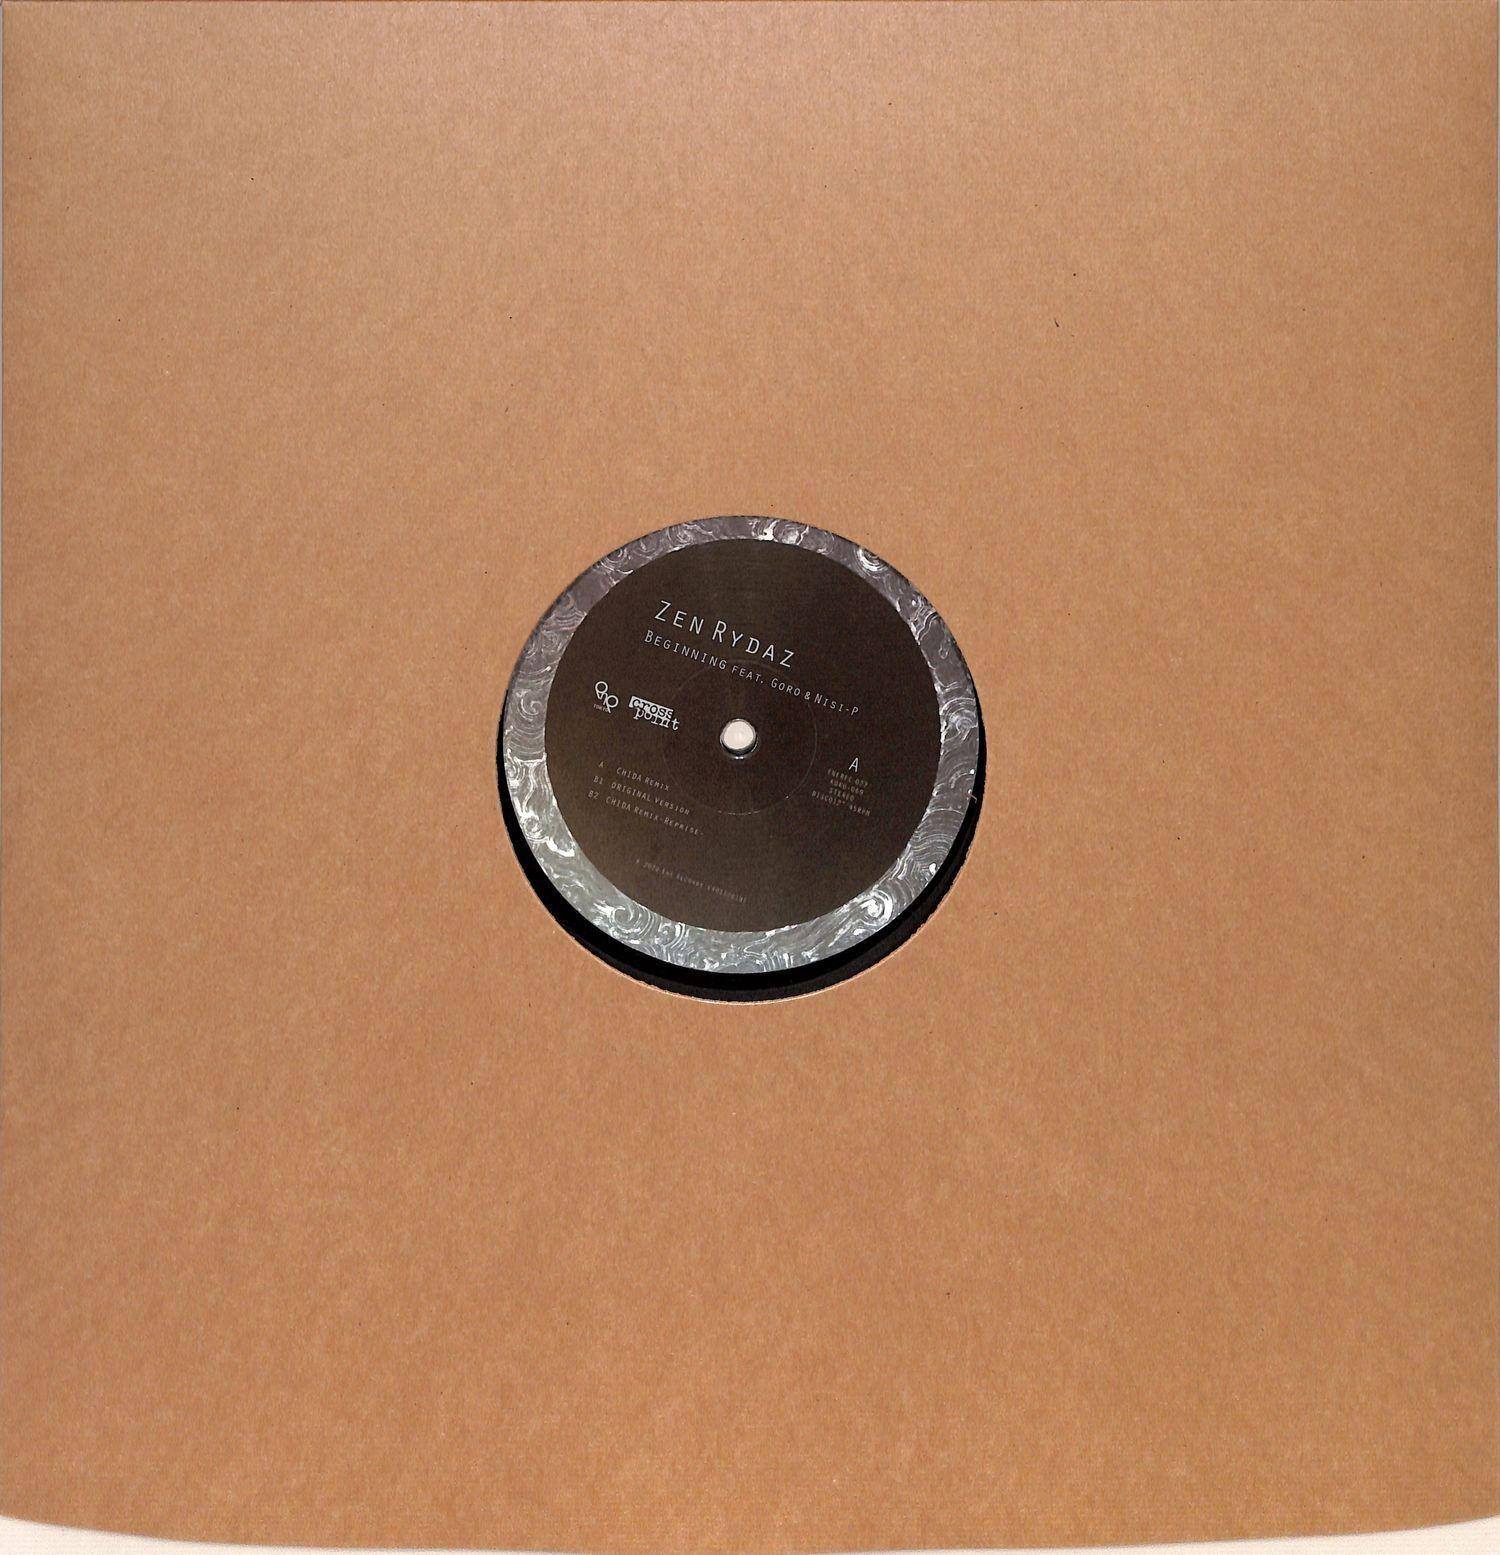 Zen Rydaz - BEGINNINGS REMIX EP